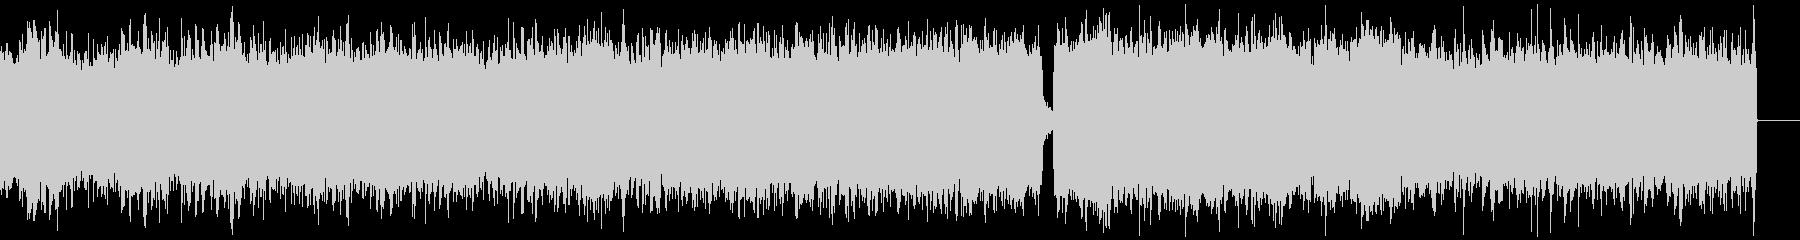 シネマティックホラー、ハロウィンBGMの未再生の波形